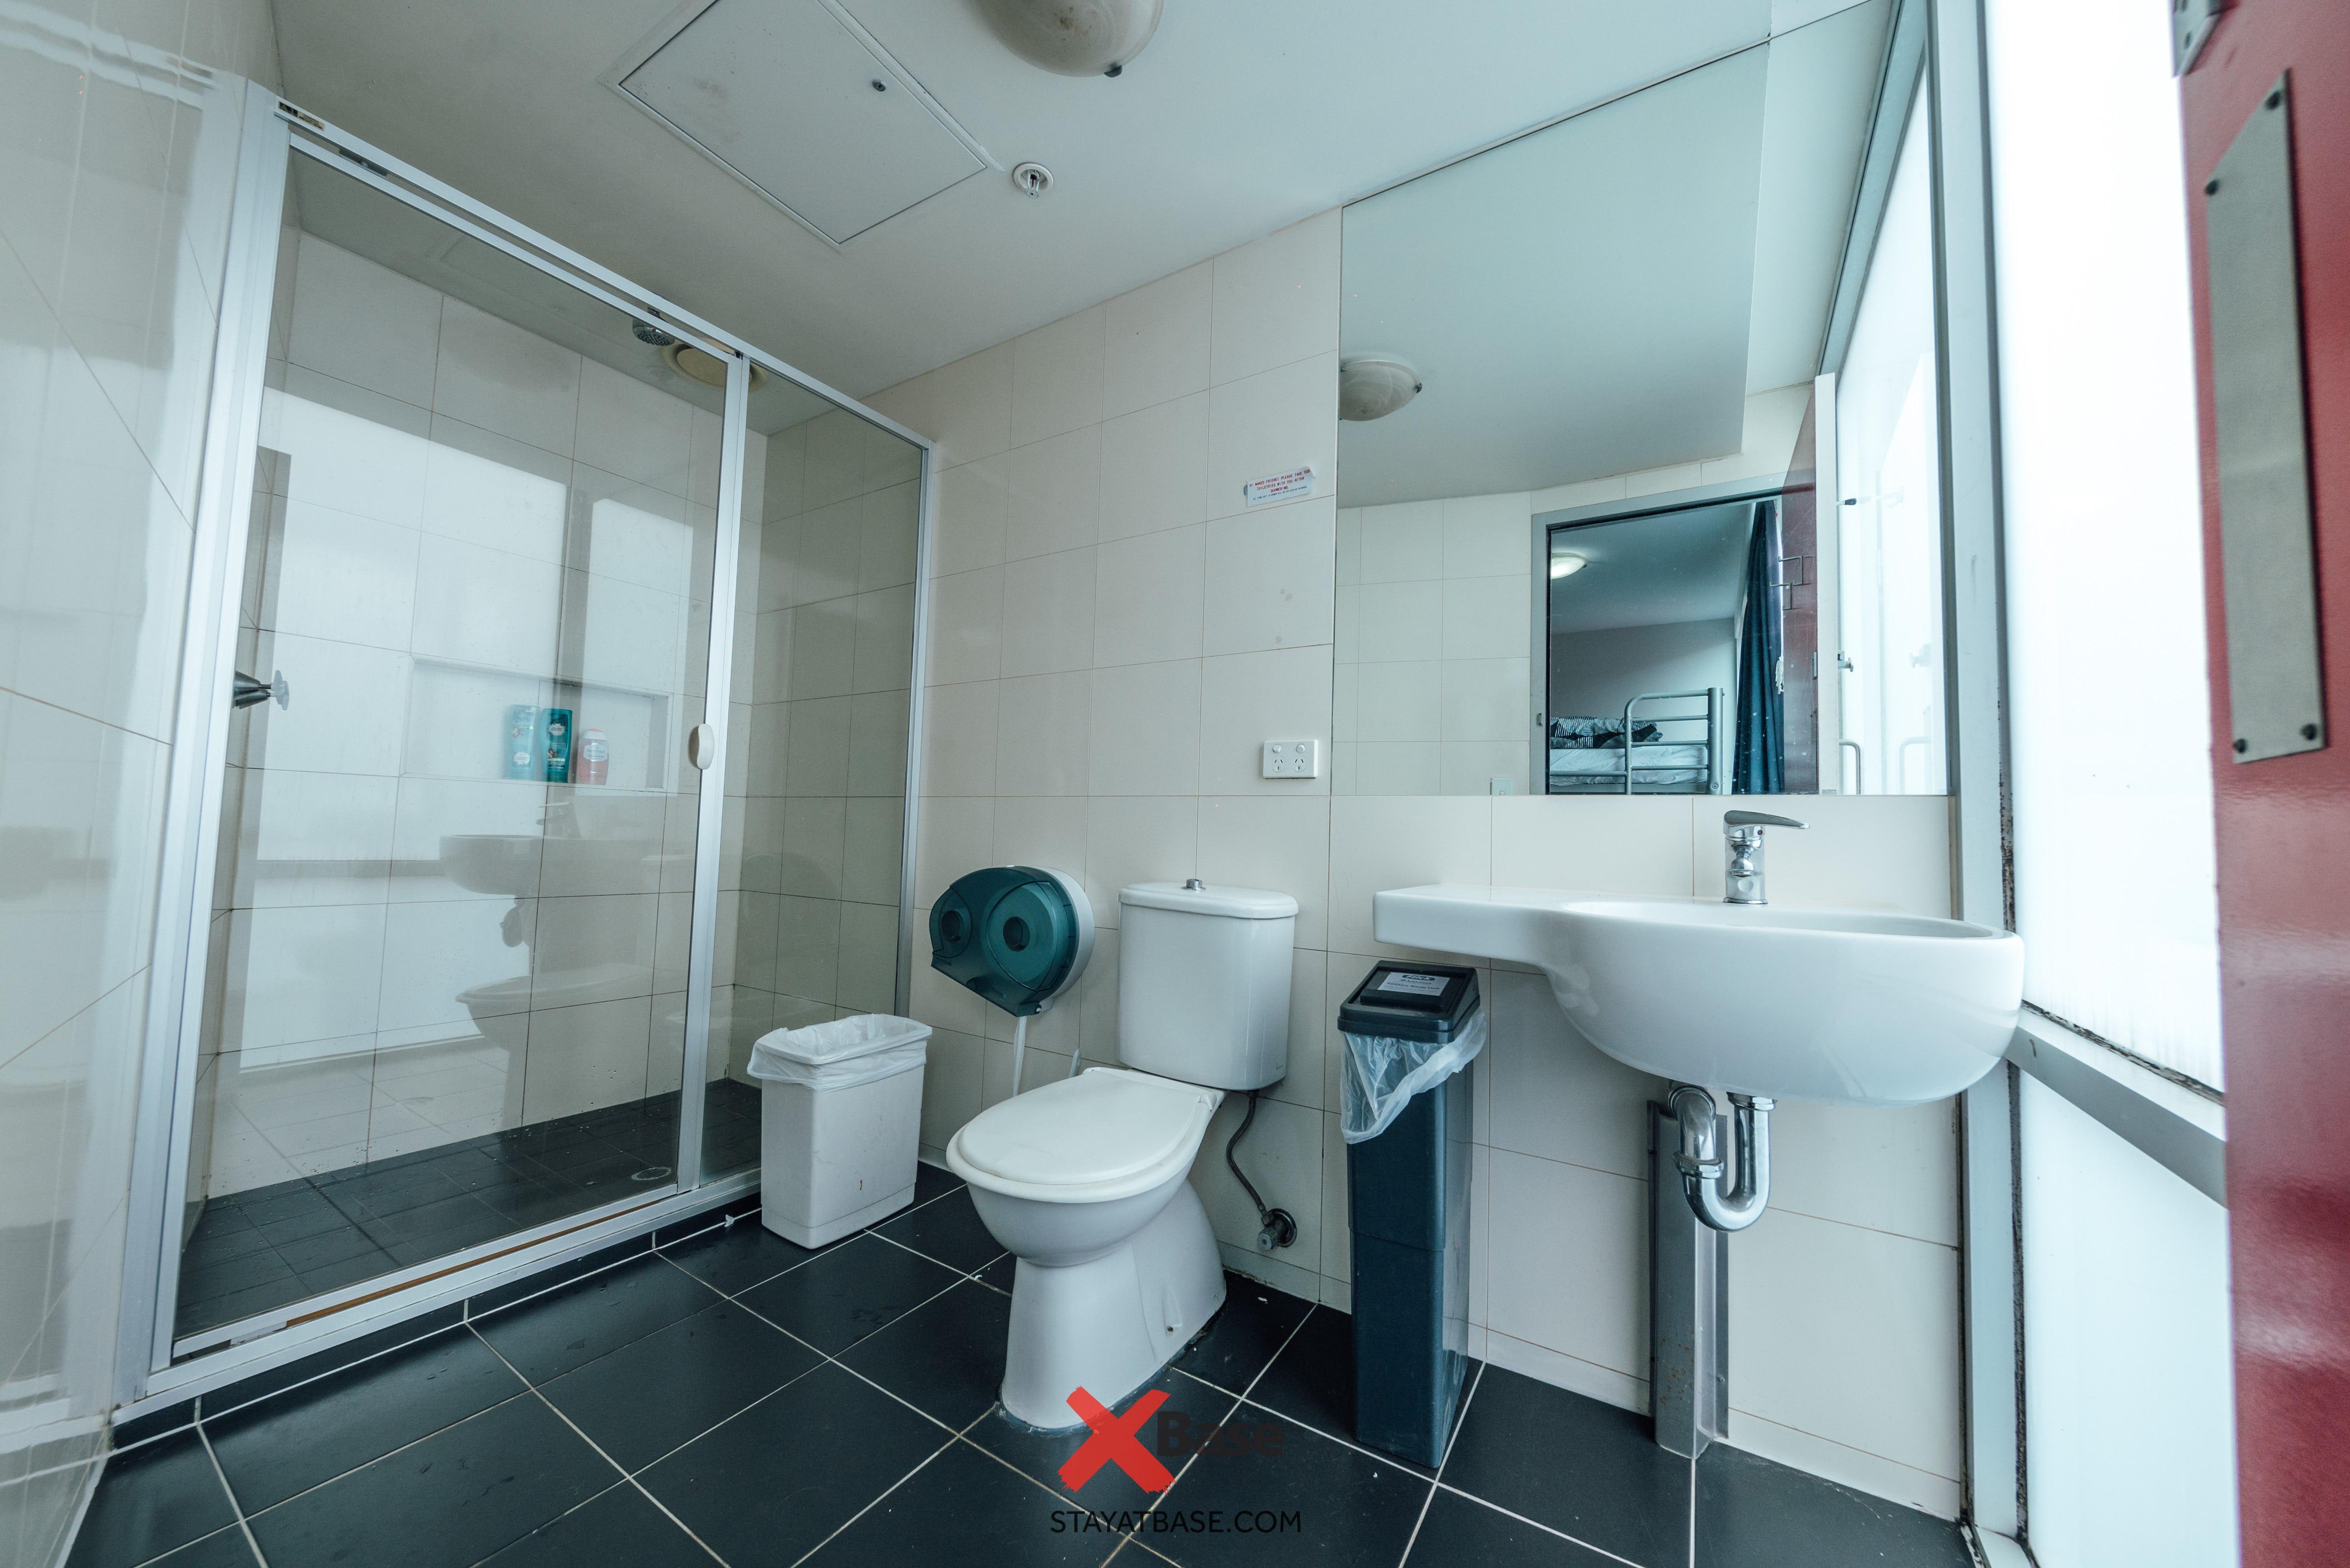 Base墨尔本背包客旅馆的套房浴室